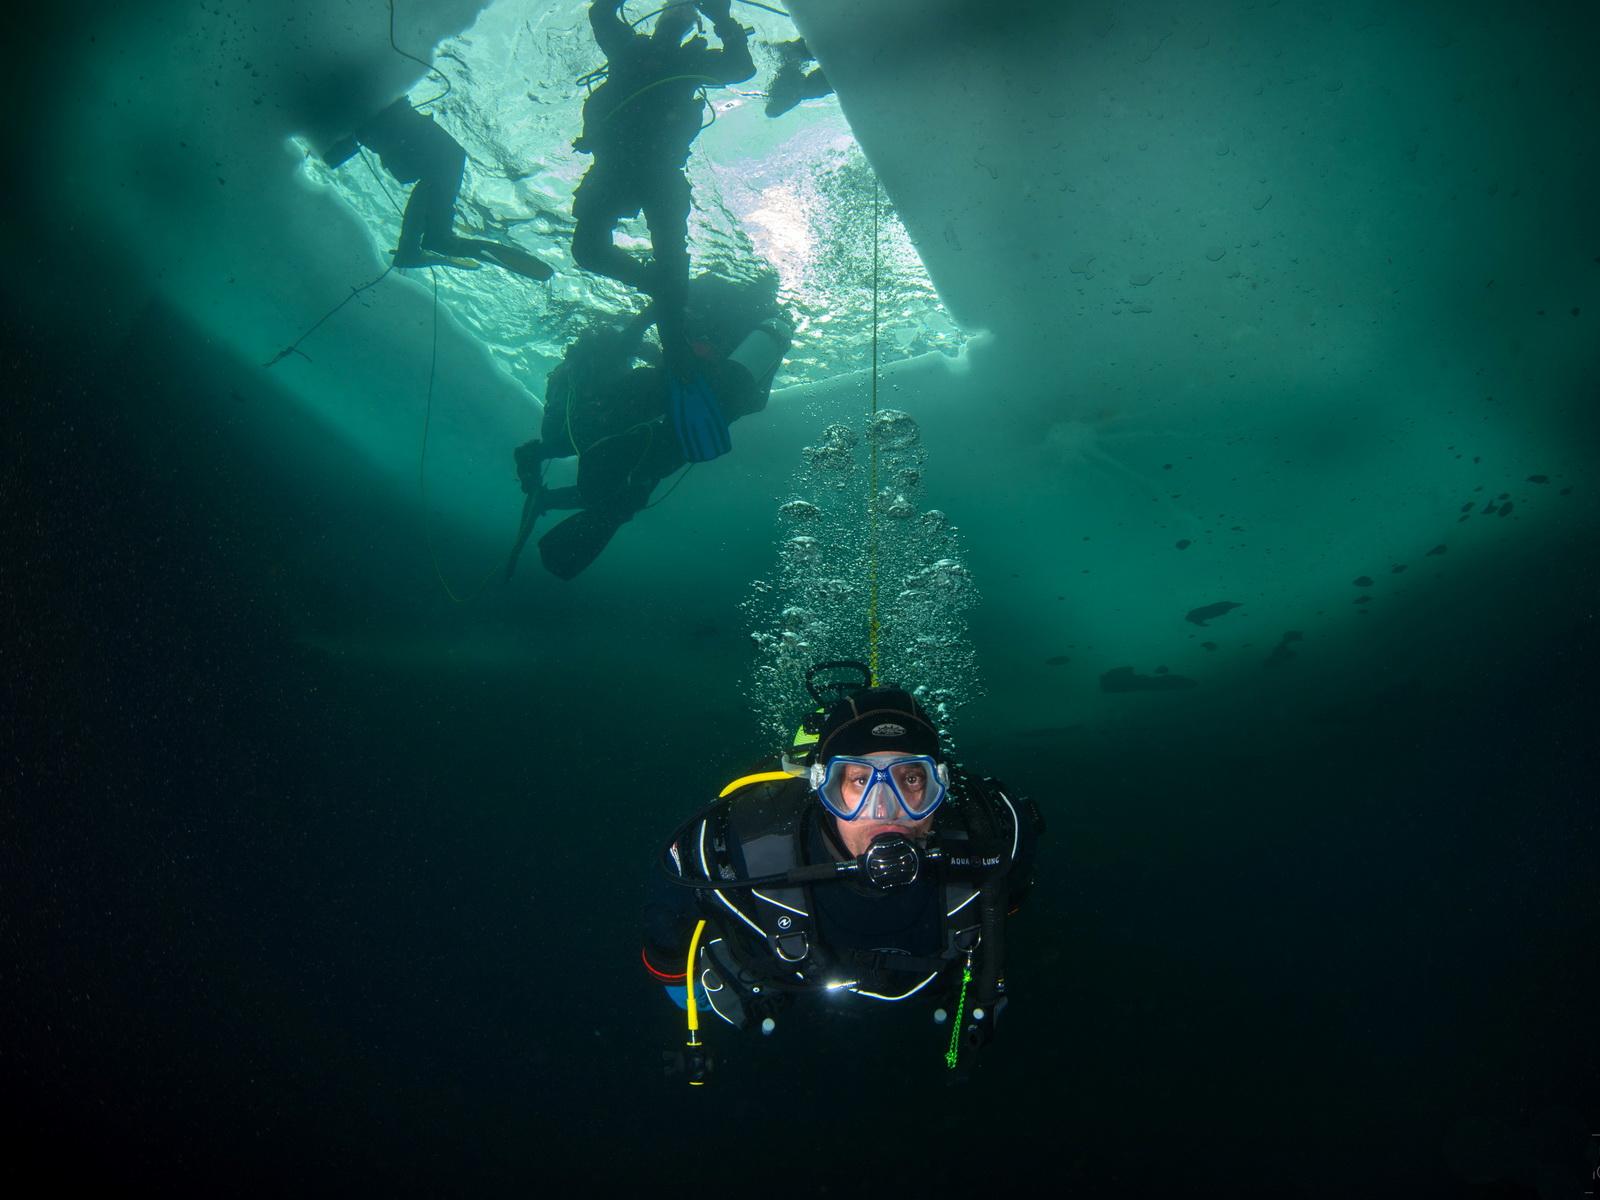 Taucher beim Abstieg durch das Loch in der Eisdecke